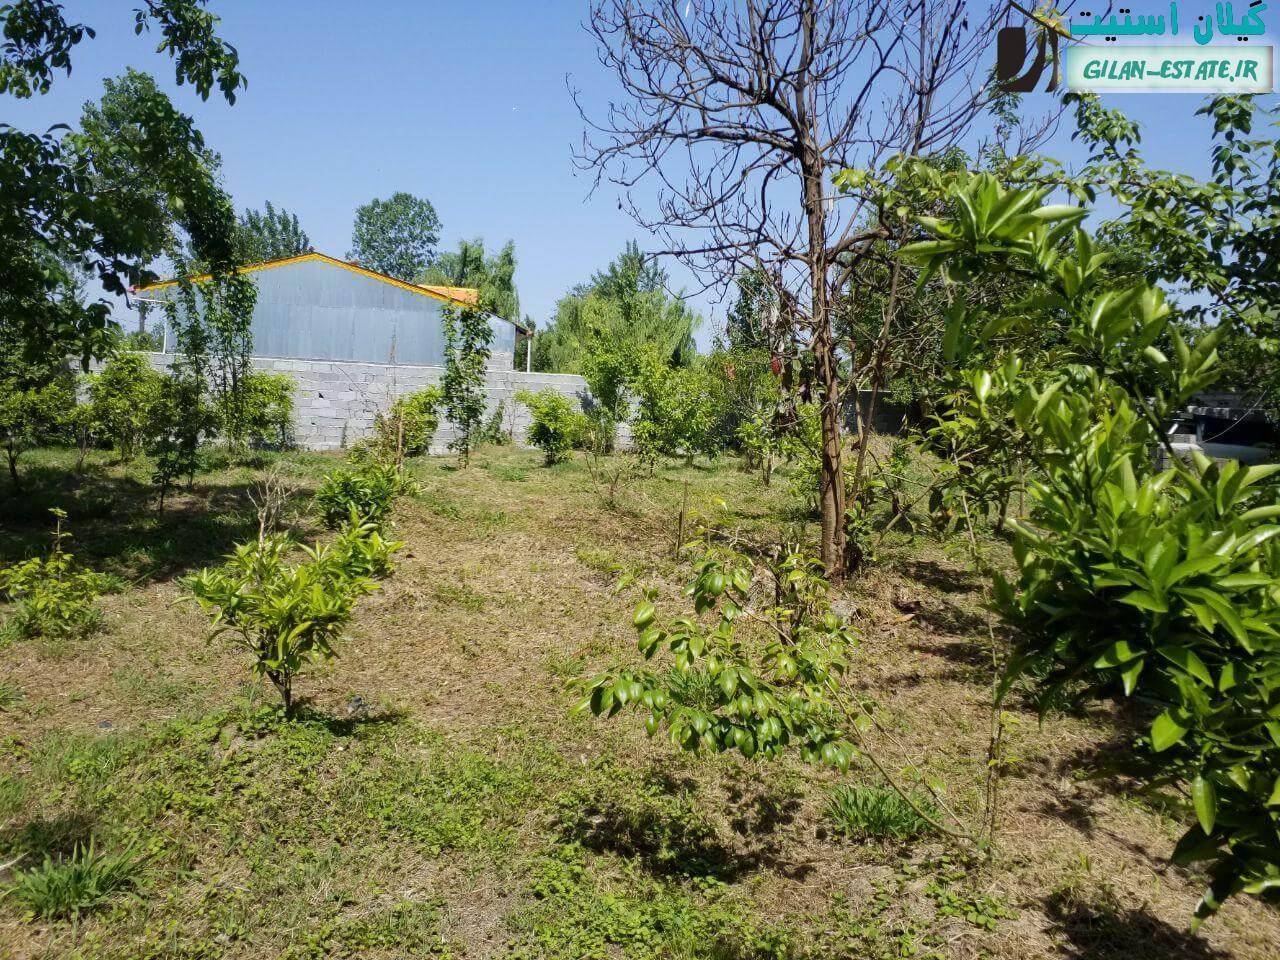 خرید ویلا باغ در لنگرود - 1700 متر زمین باغ میوه